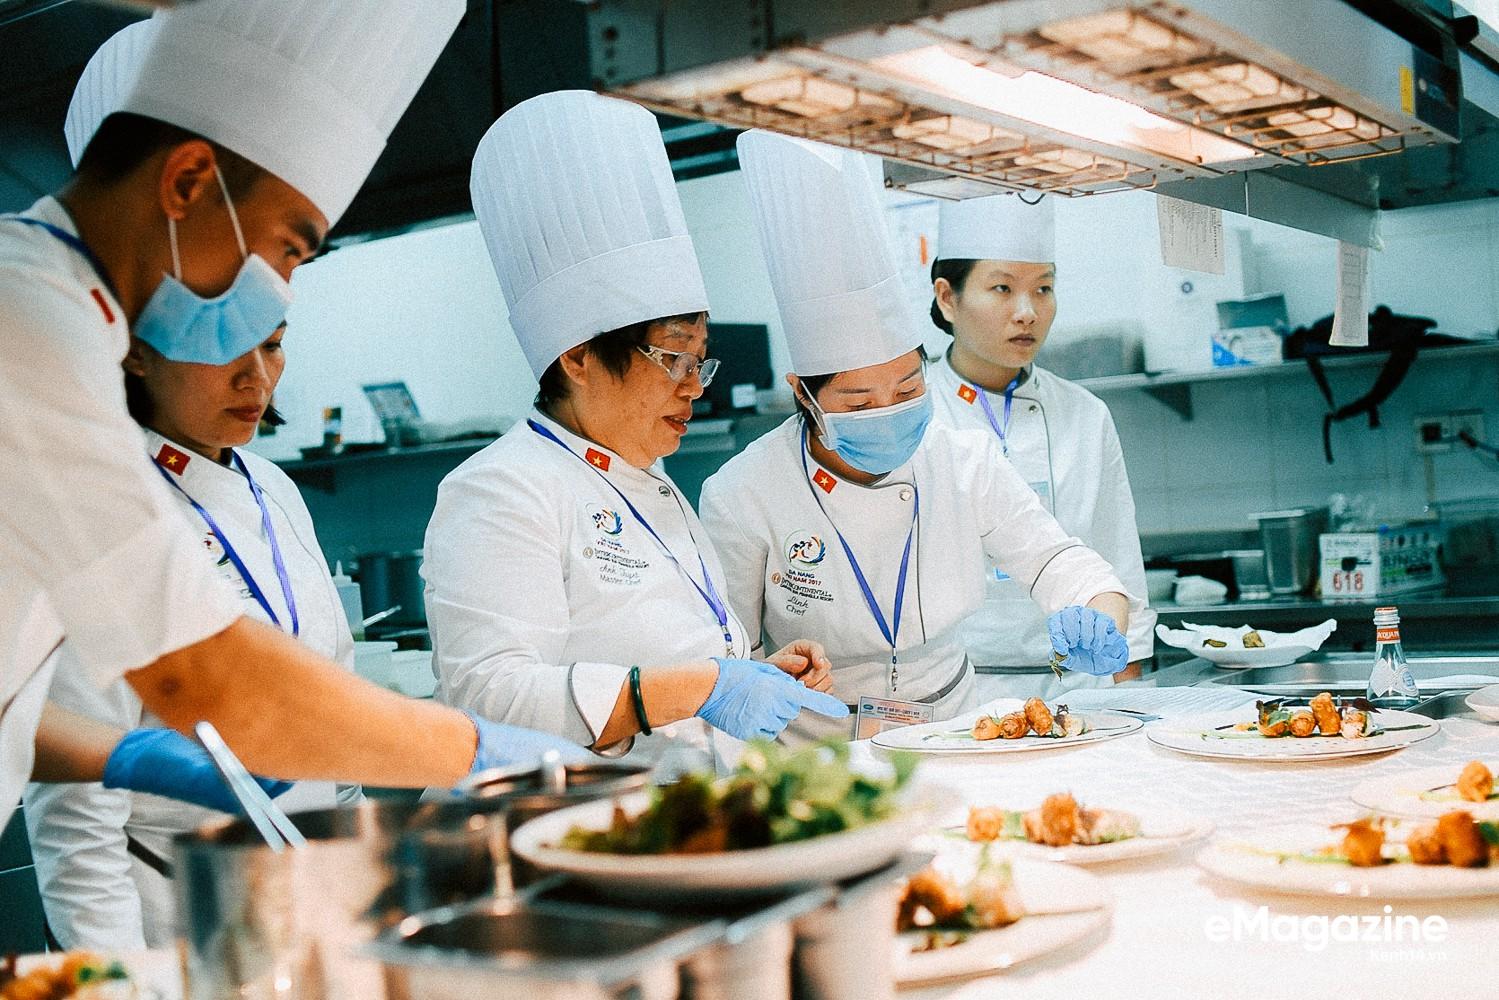 Chuyện nghệ nhân ẩm thực đãi tiệc 21 nguyên thủ quốc gia APEC bằng tinh tuý món ăn Việt Nam - Ảnh 14.